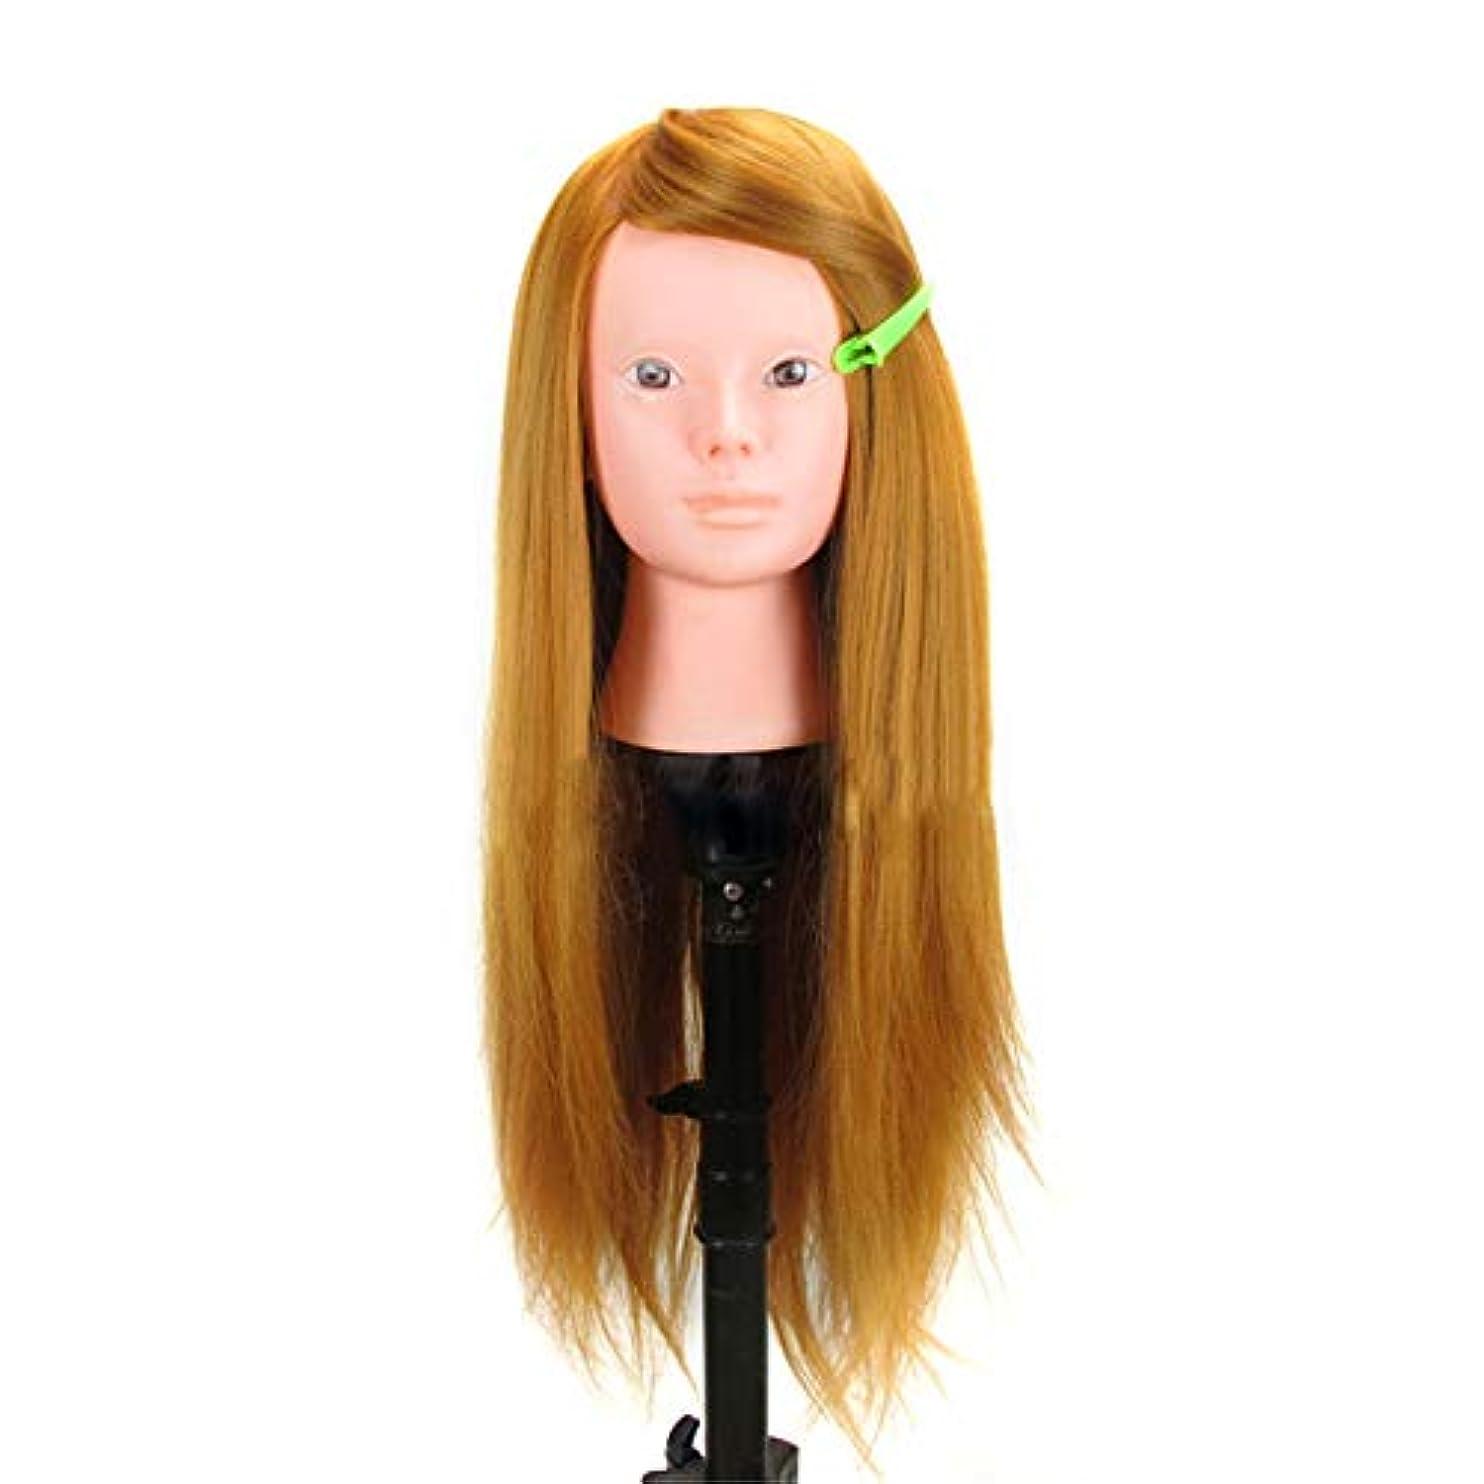 批判的に荒涼としたファランクス高温ワイヤーヘアティーチングヘッドパーマ髪織りヘアモデル髪染め理髪ダミーヘッドモデル